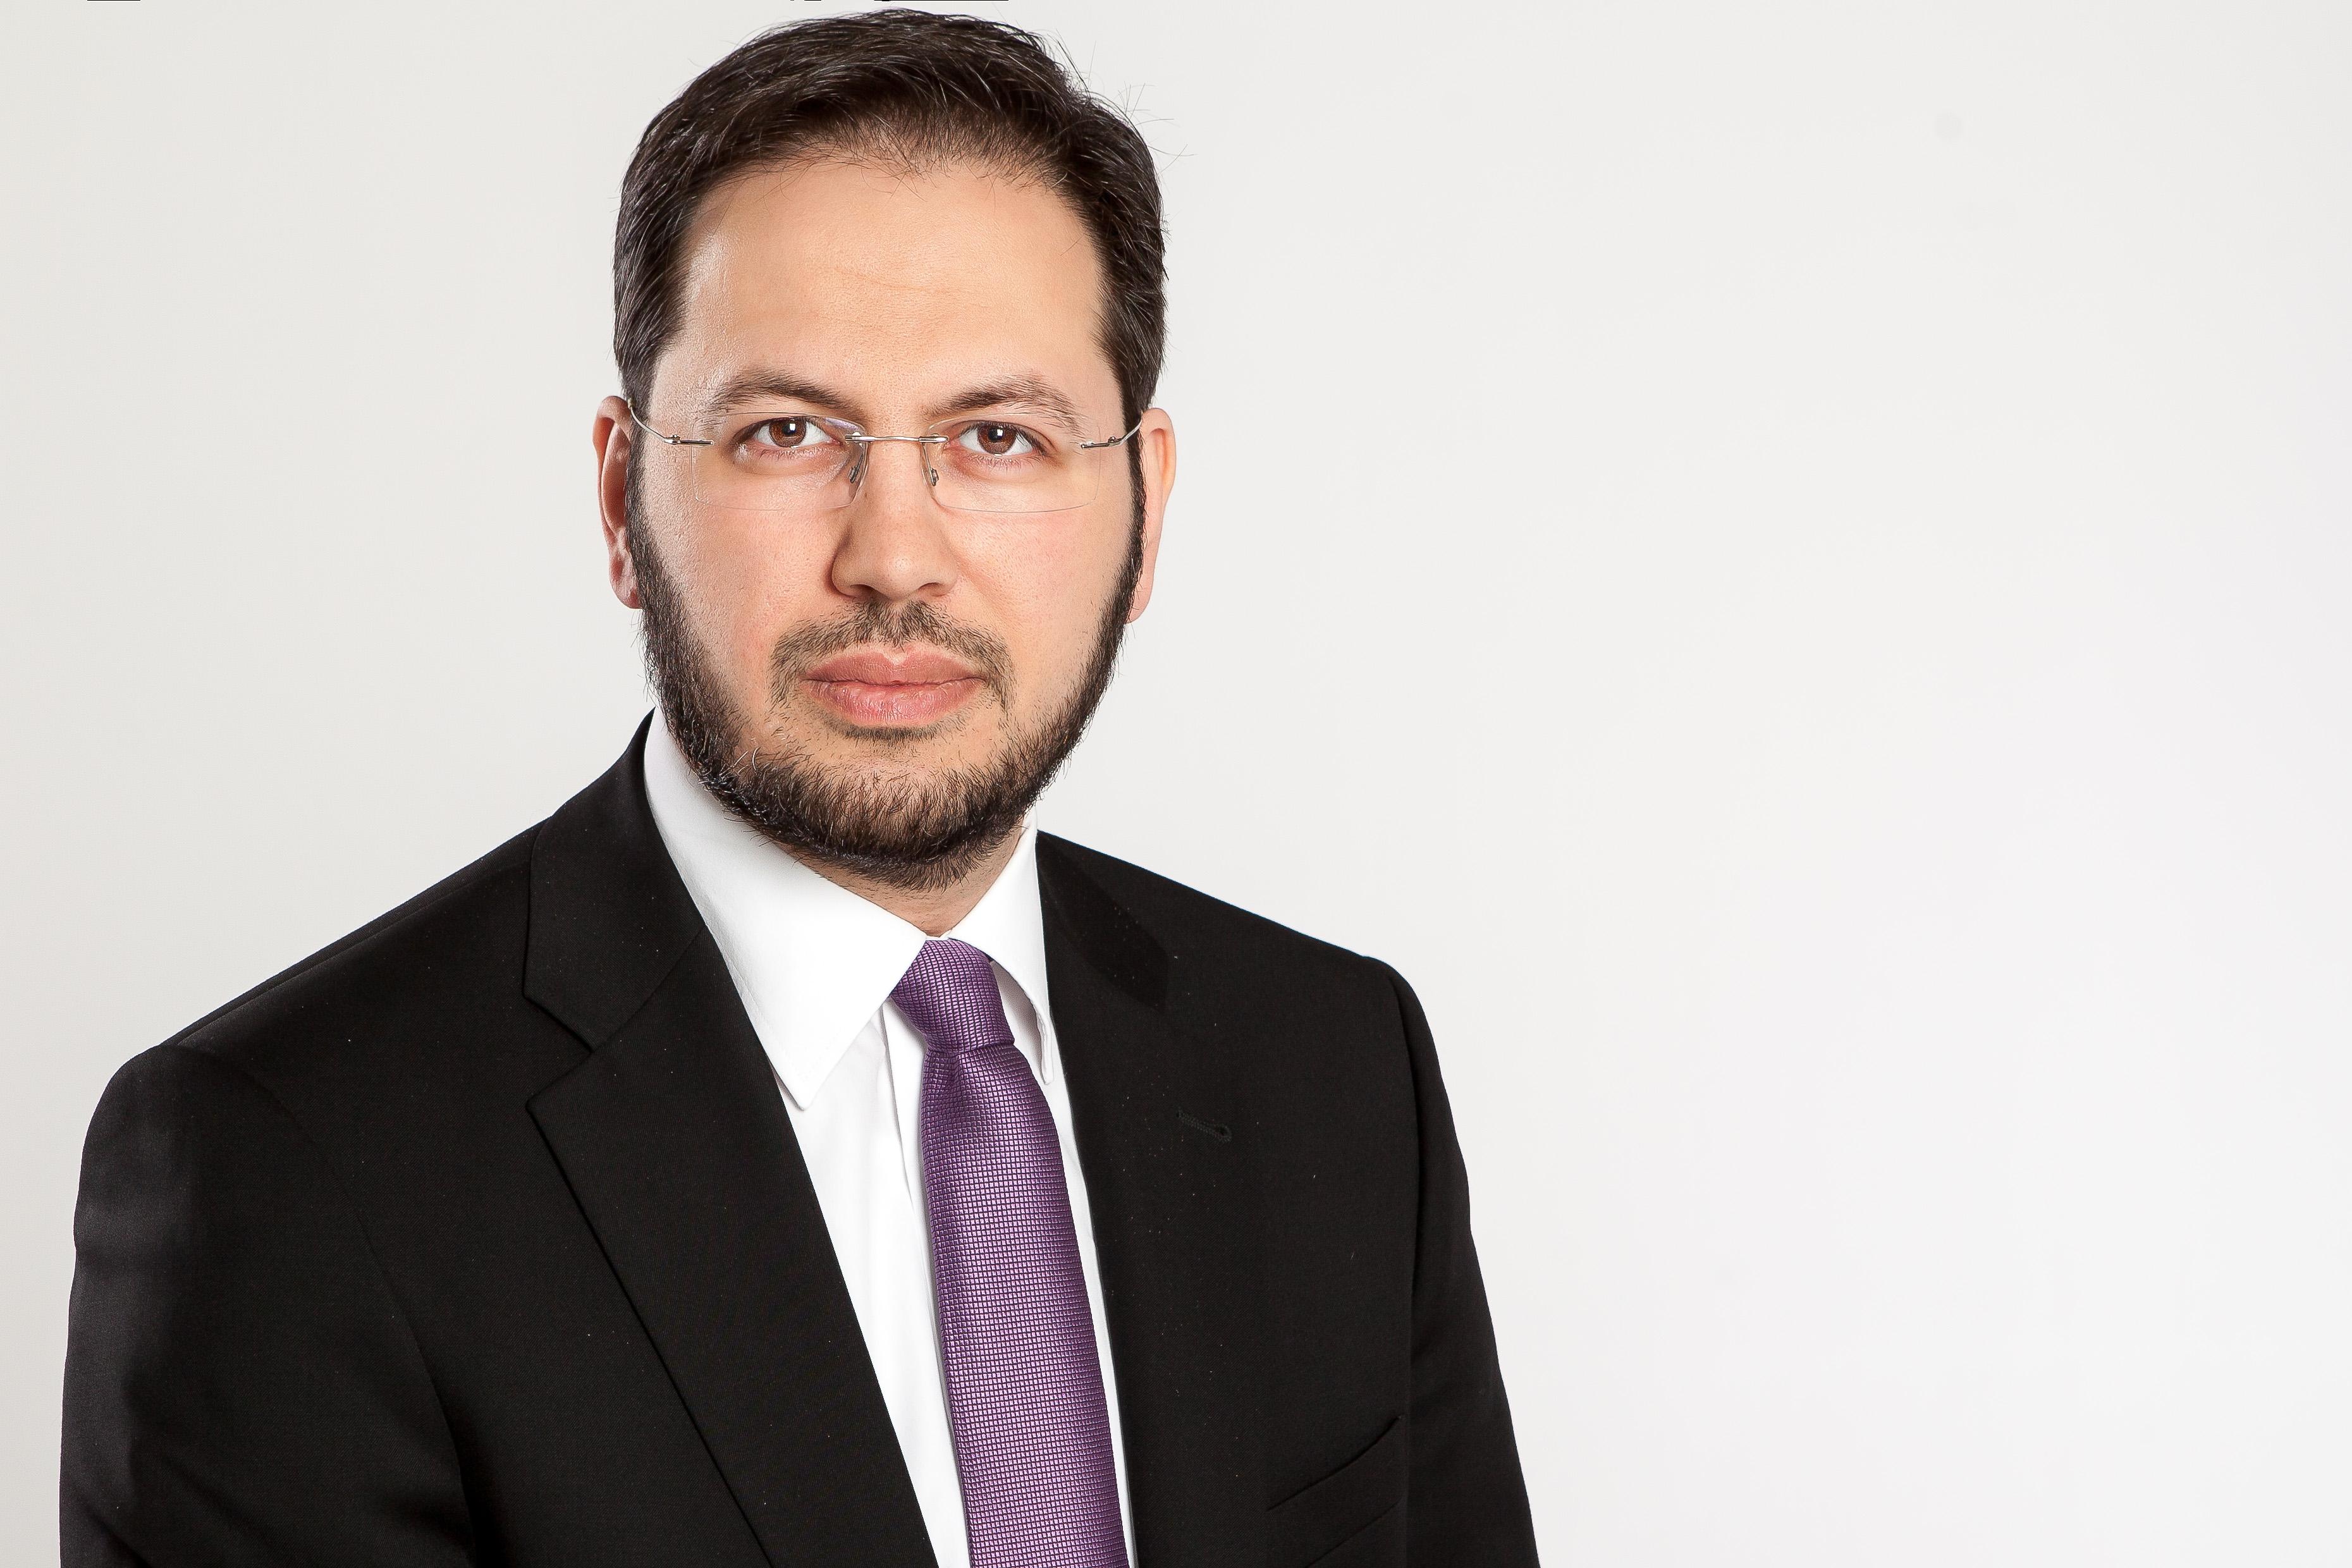 Bekir Altaş, Generalsekretär